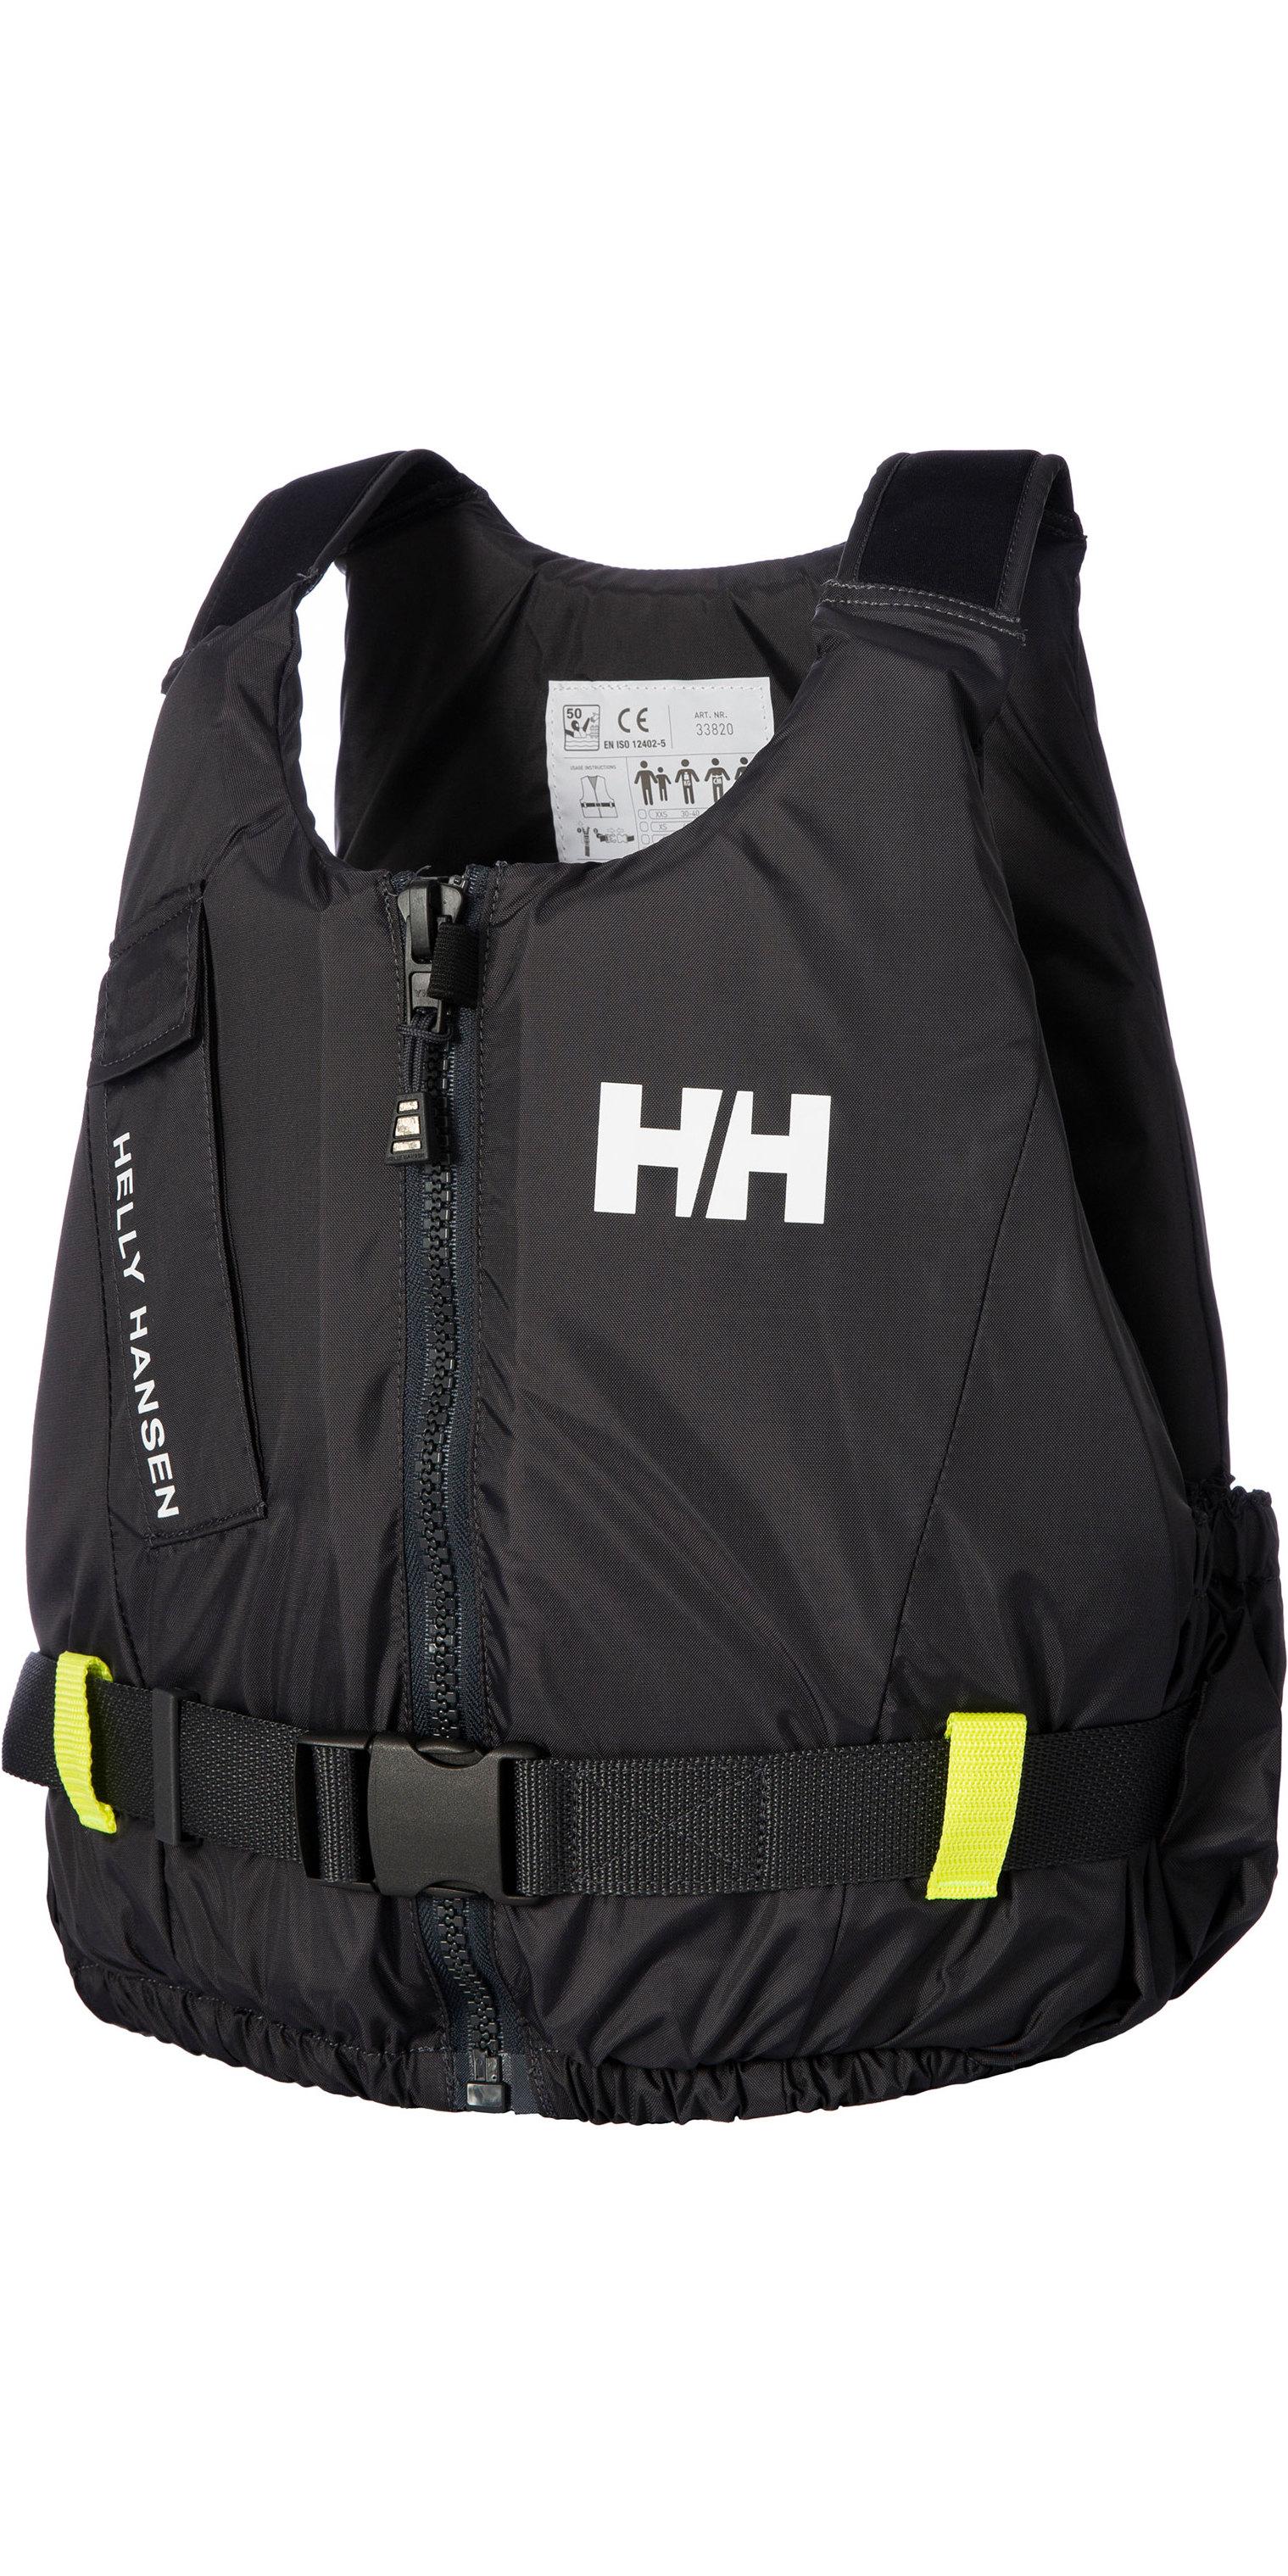 2019 Helly Hansen 50n Rider Vest / Zwemvest 33820 - Ebbenhout